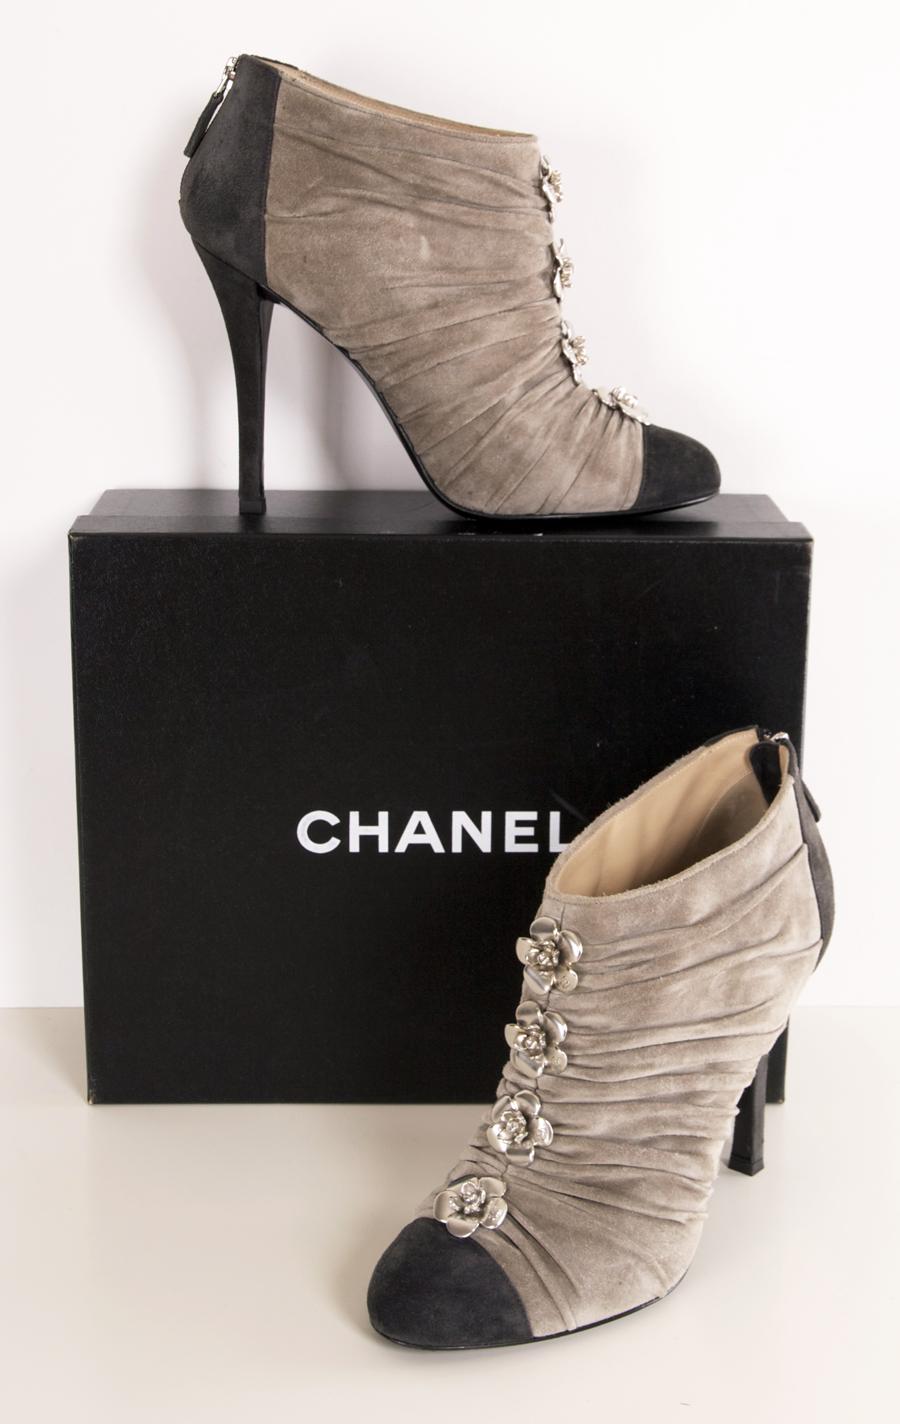 Chanel Fall 2013 Uzun Cizme 2014 Kadin Bahcesi